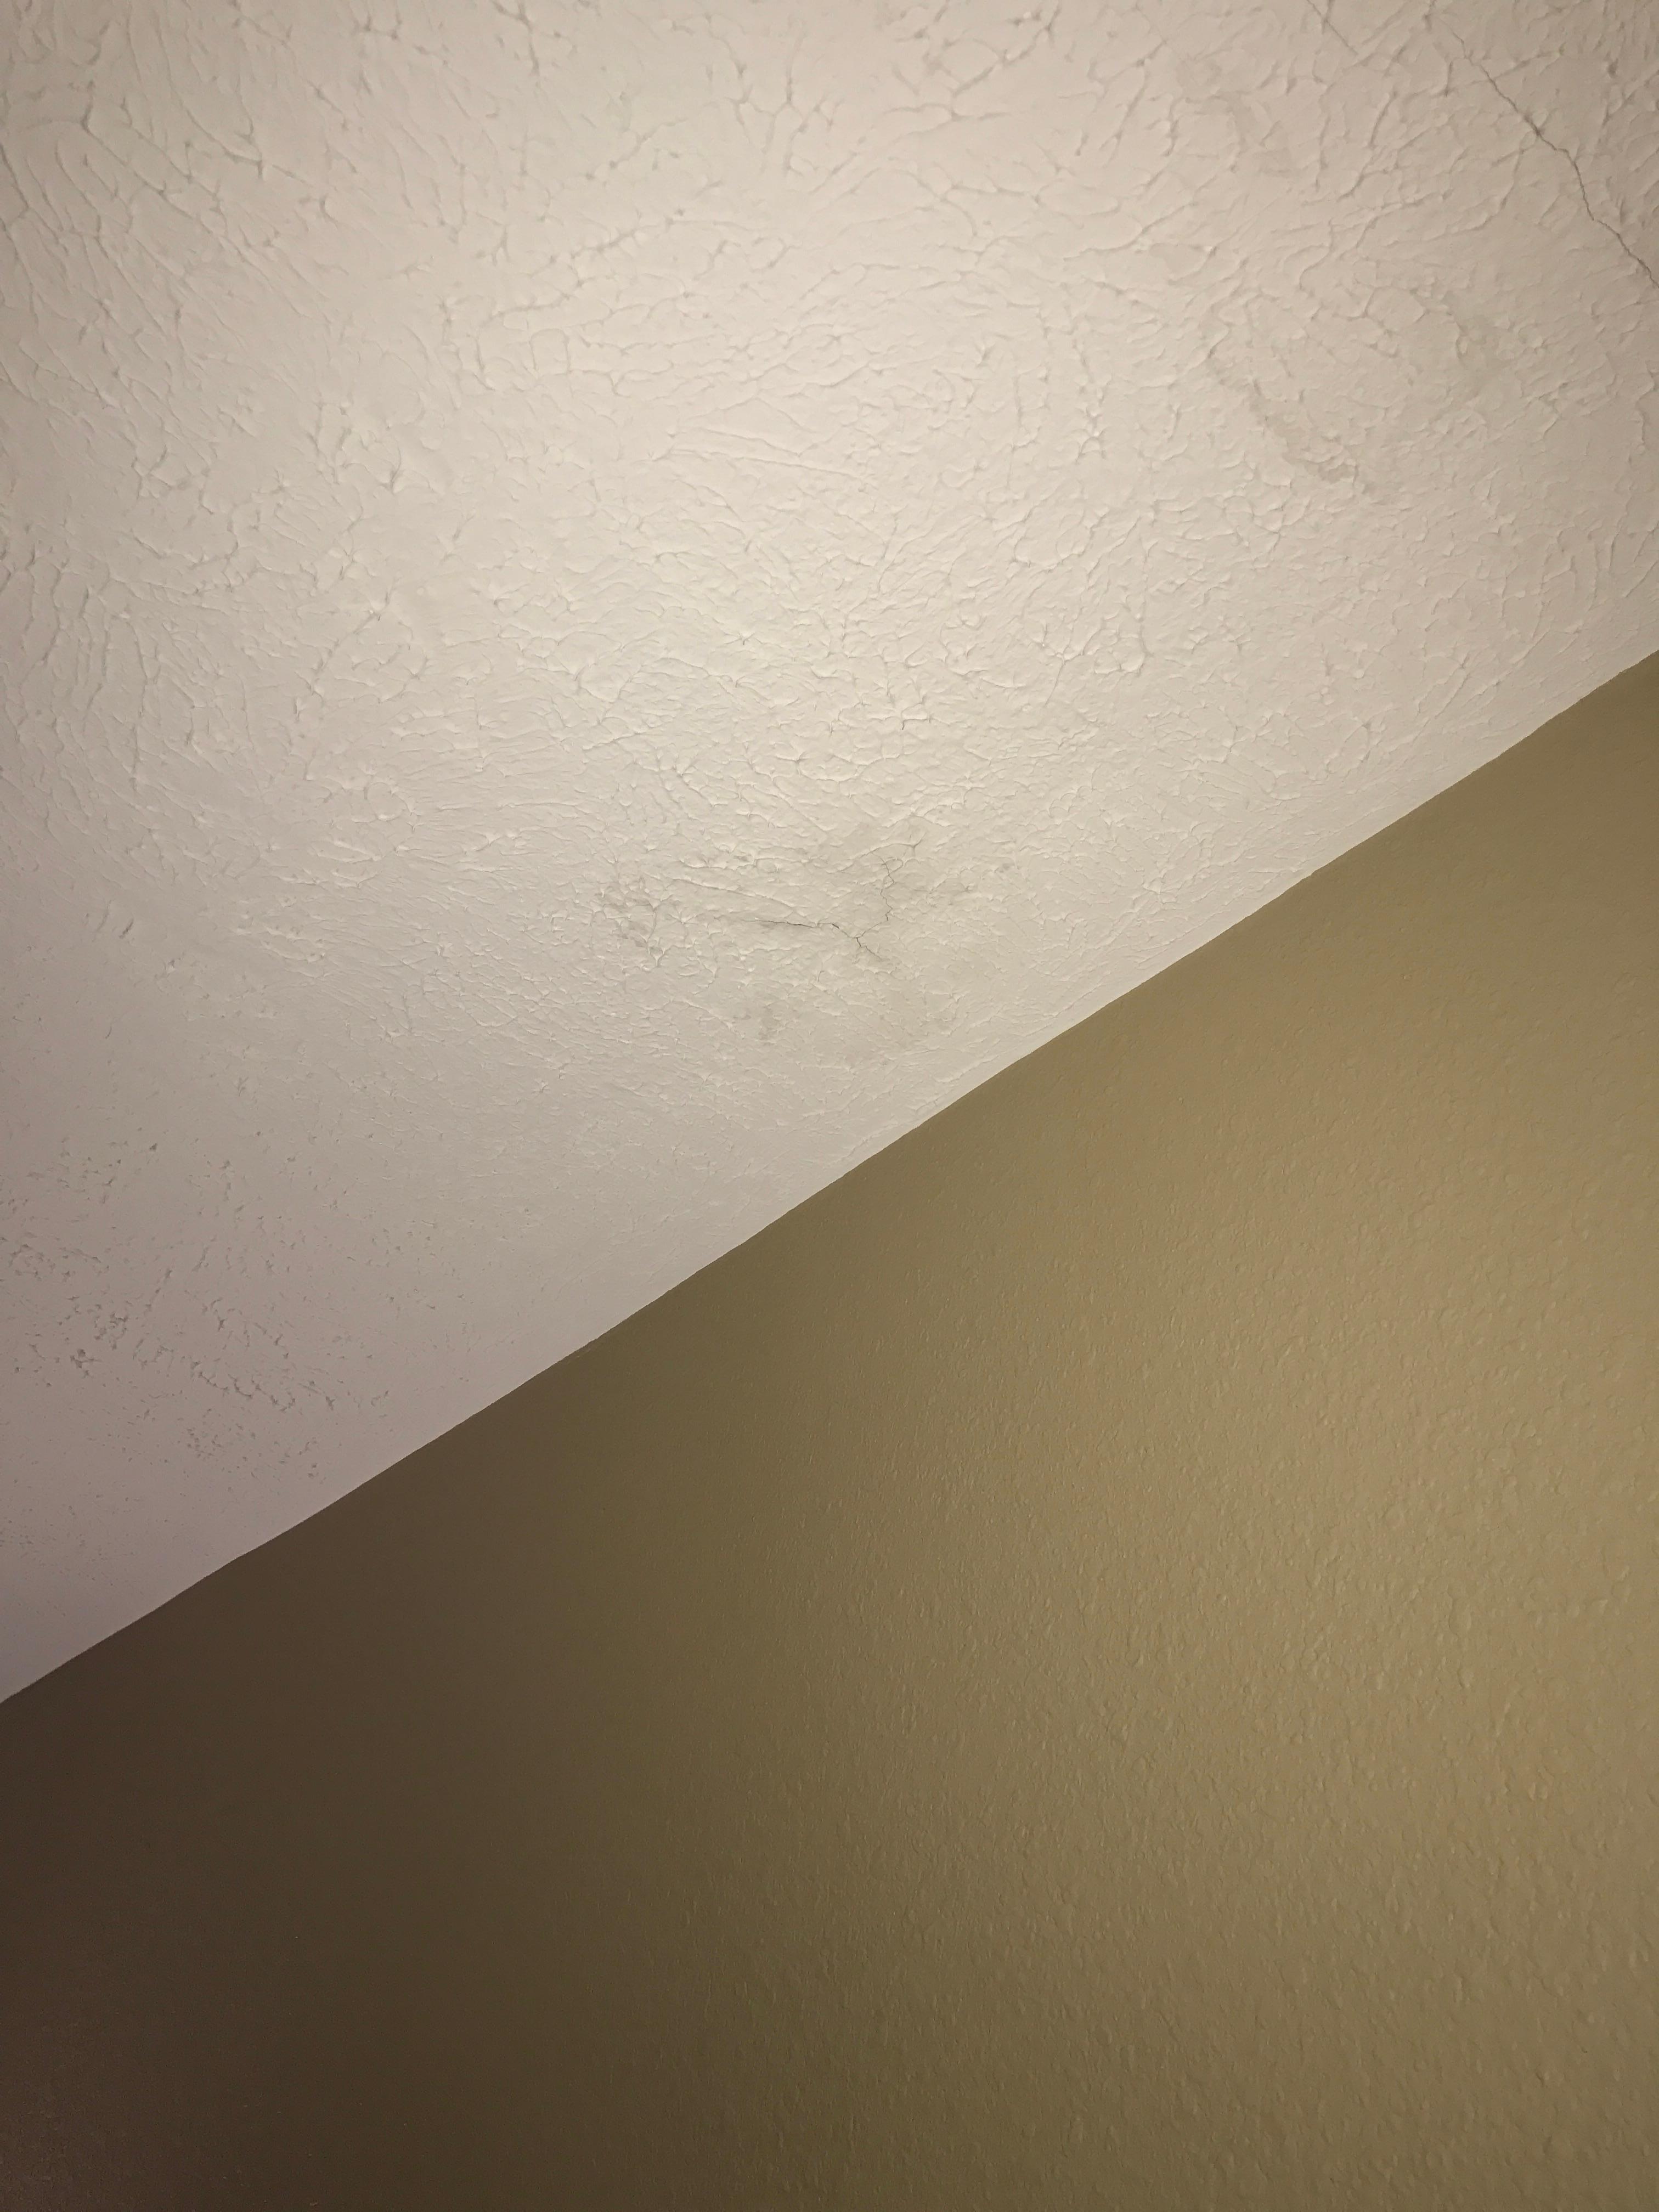 Leaking ceiling 1